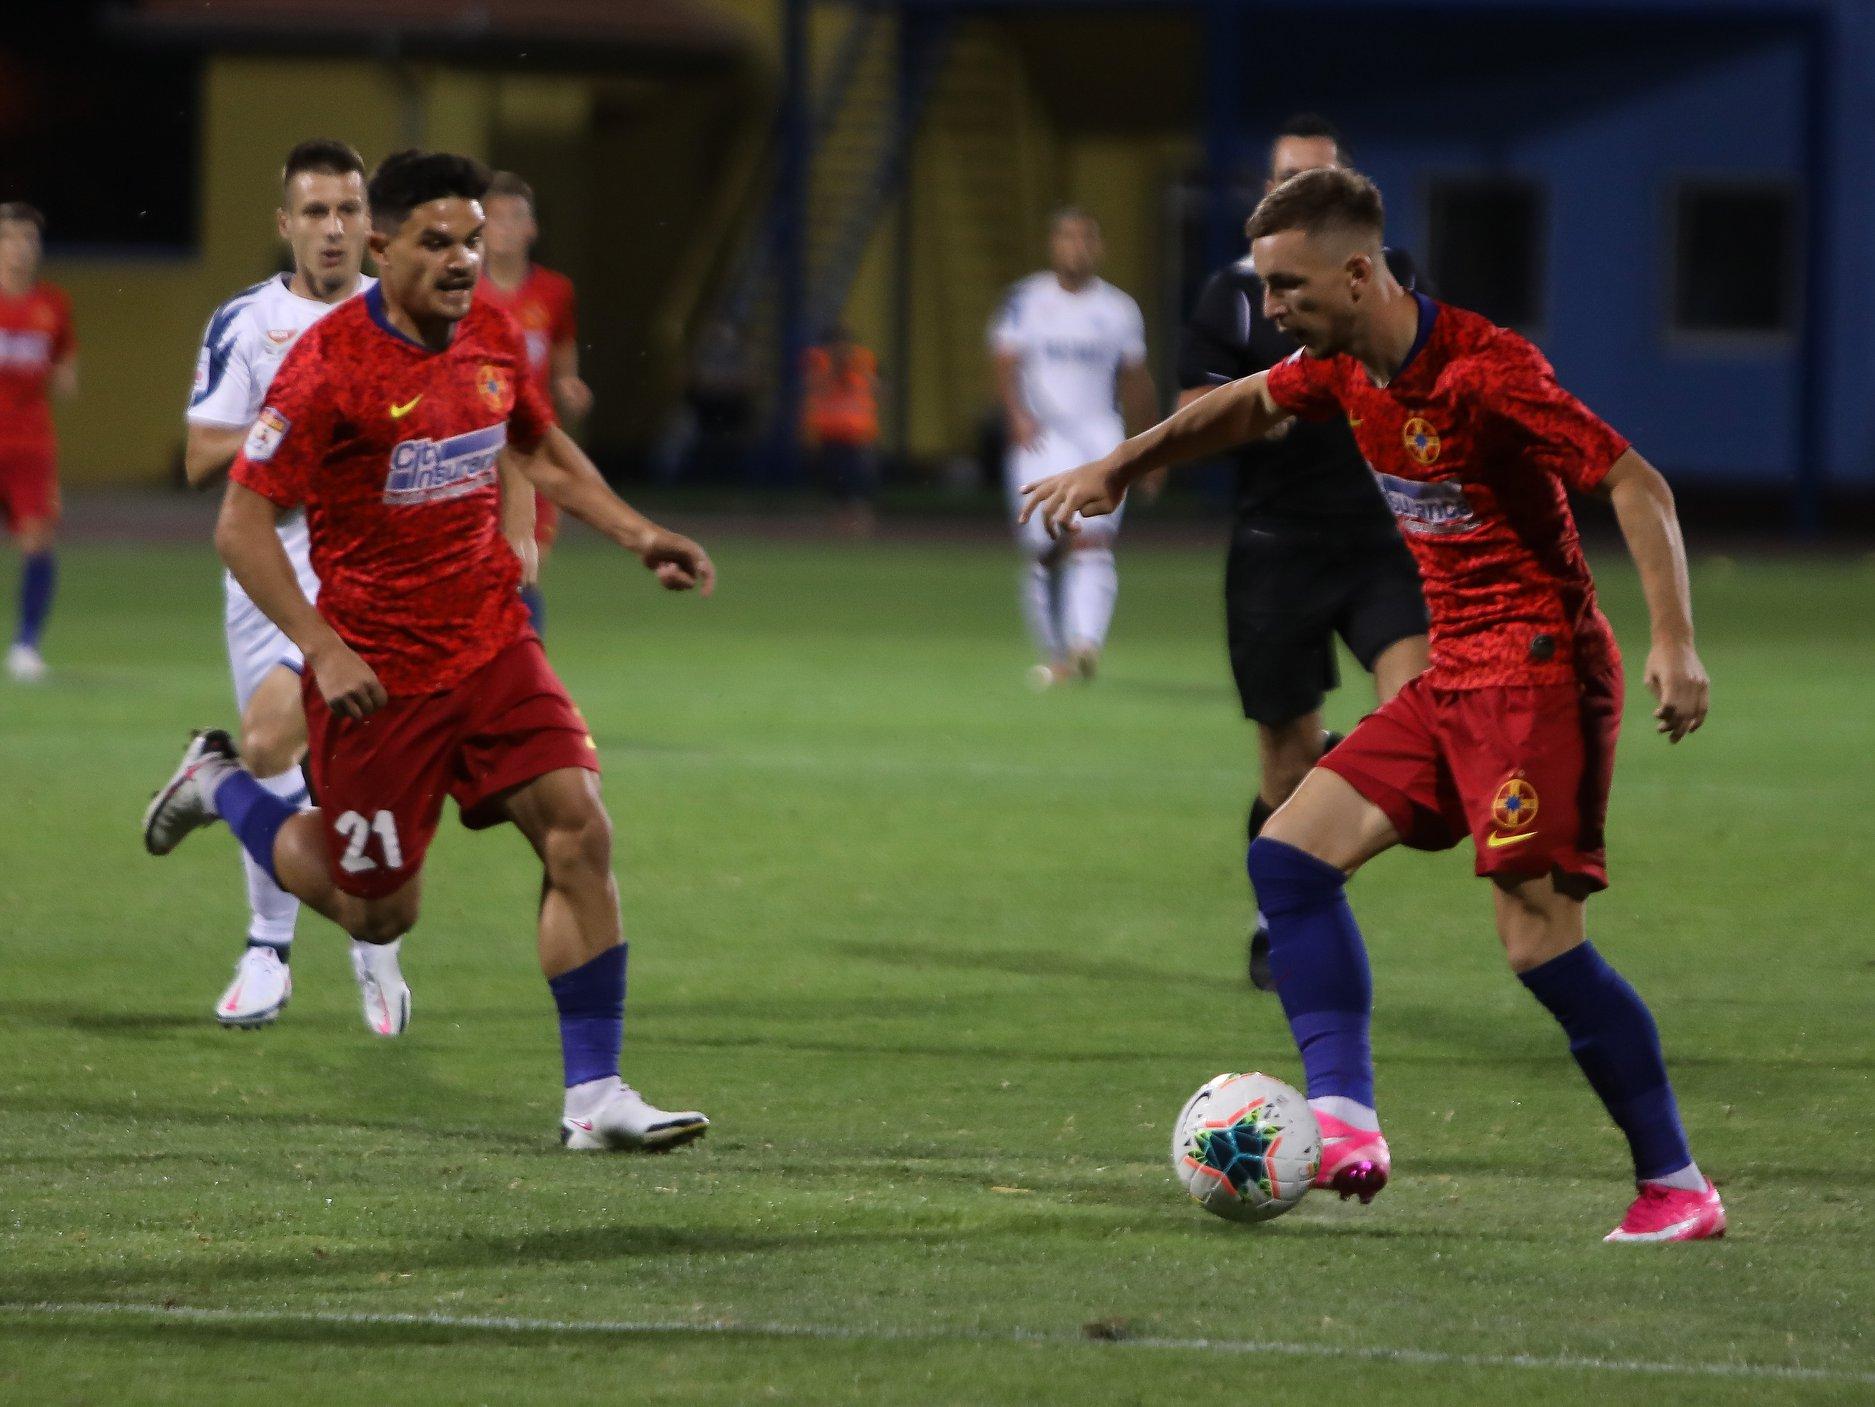 Ce scrie presa din străinătate după Backa Topola - FCSB ...  Fcsb- Slovan Liberec